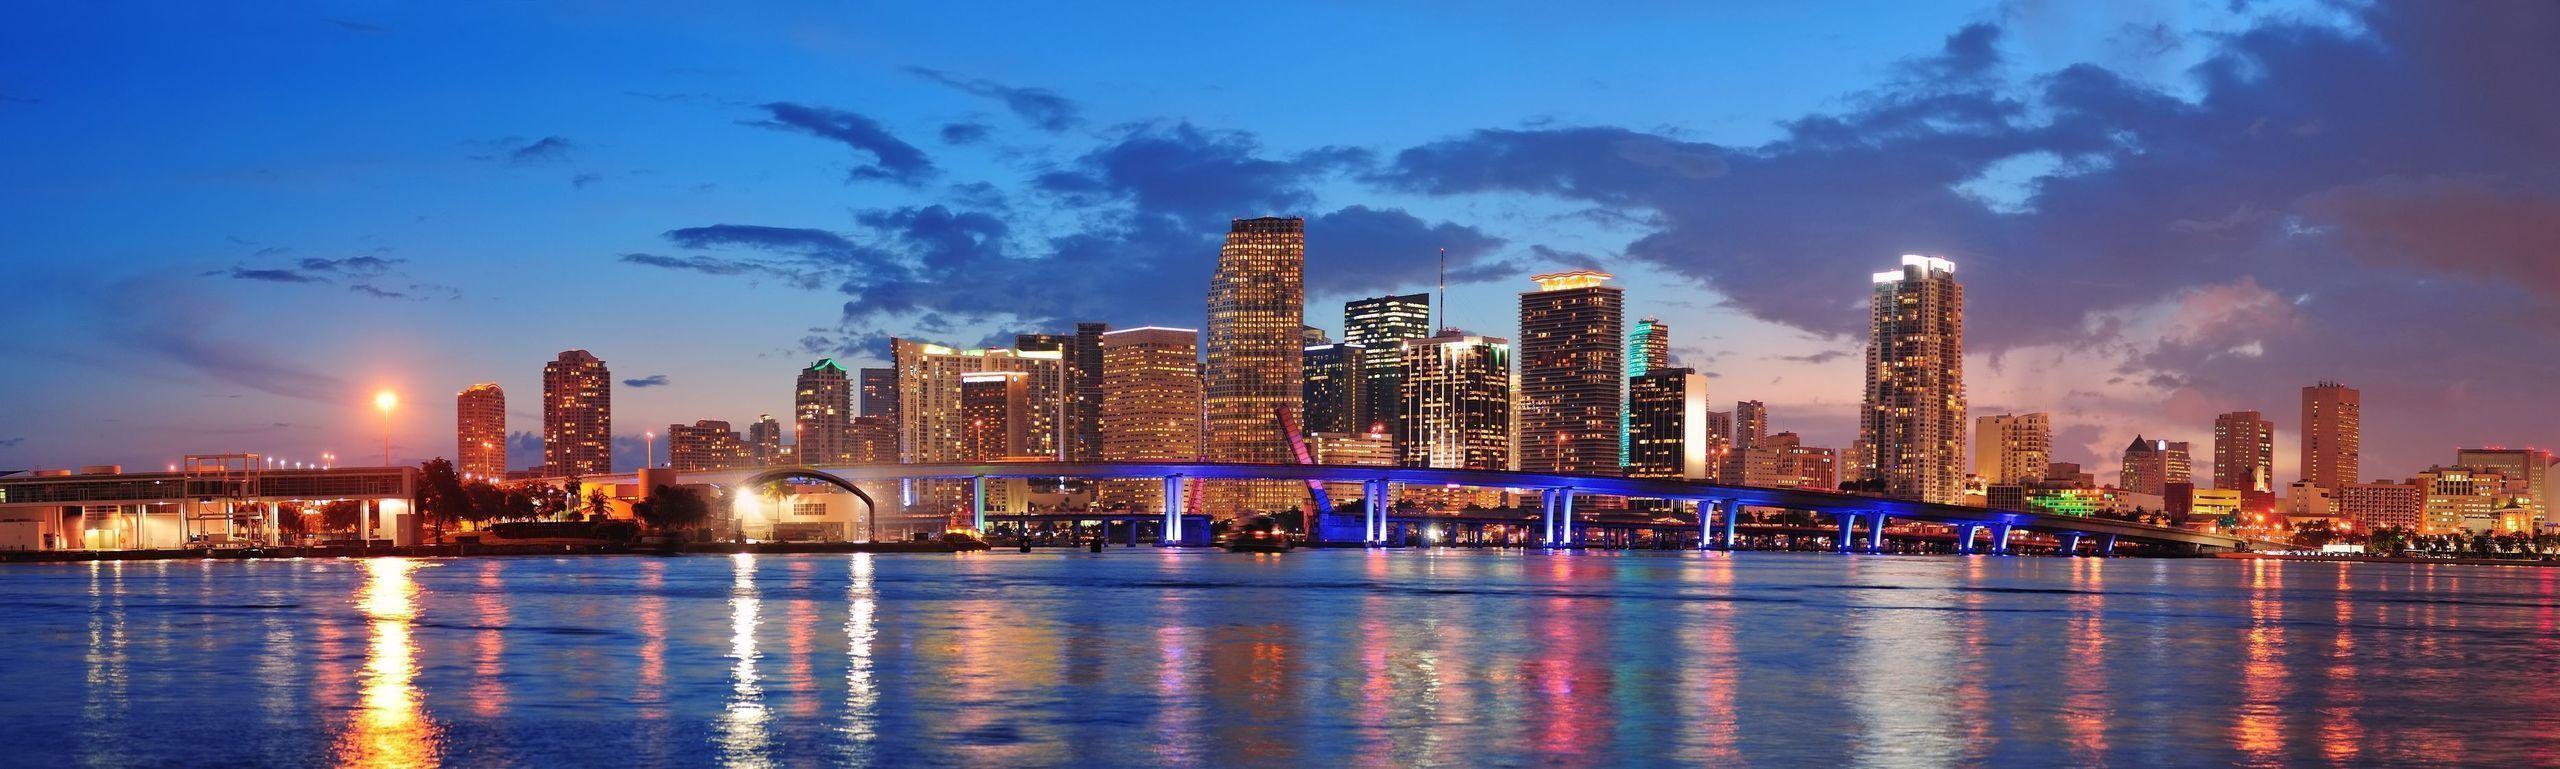 Miami img - 3